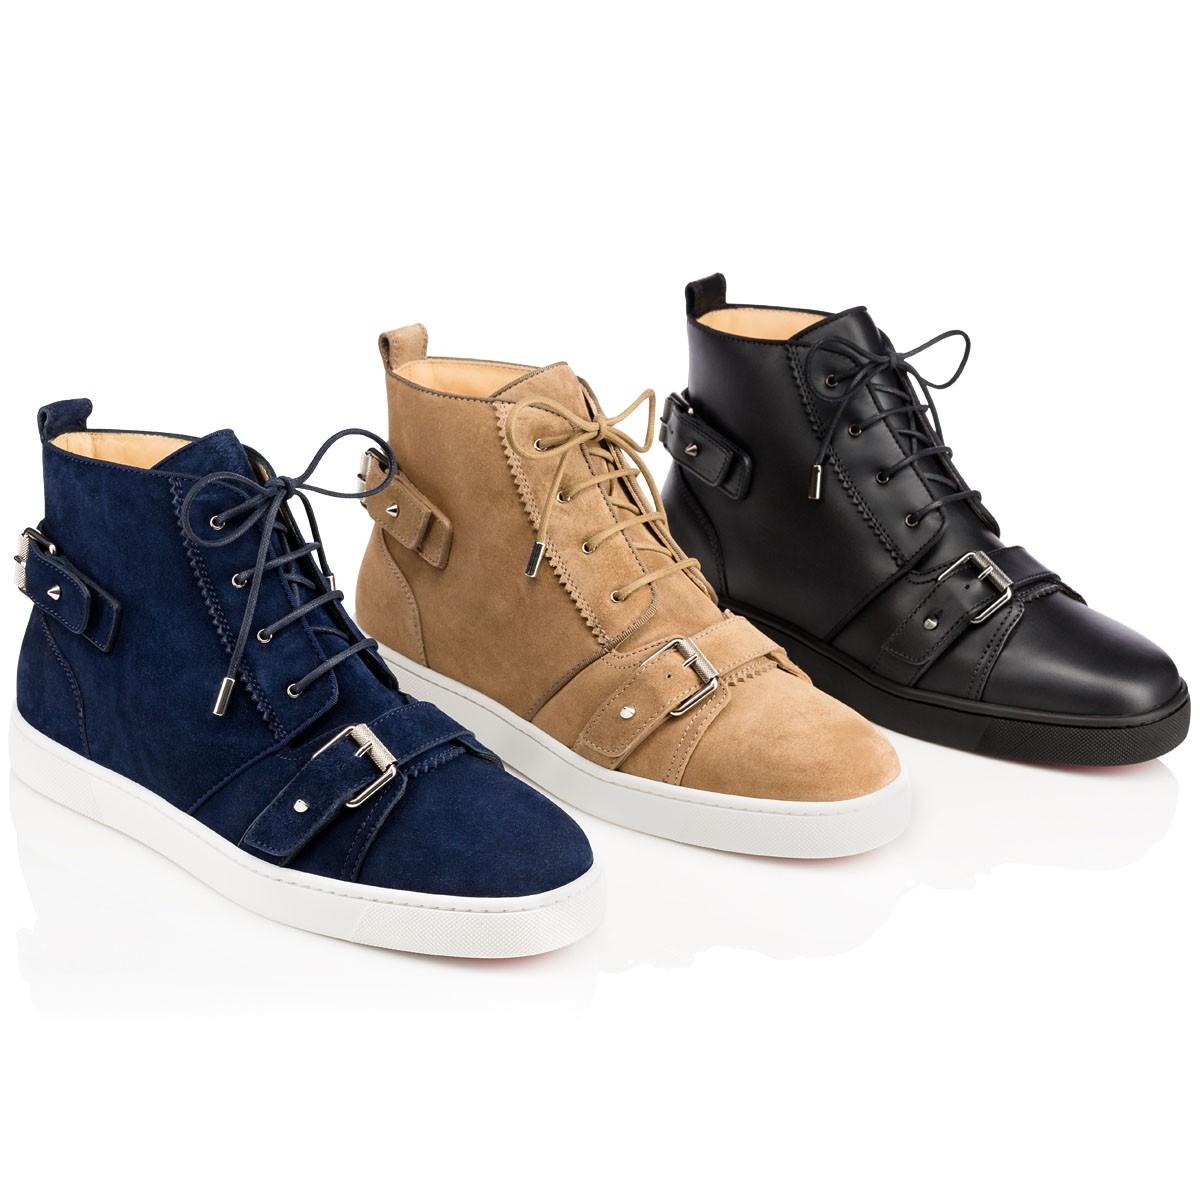 Mens Nono Strap Suede Sneakers Christian Louboutin GgVx124Vb